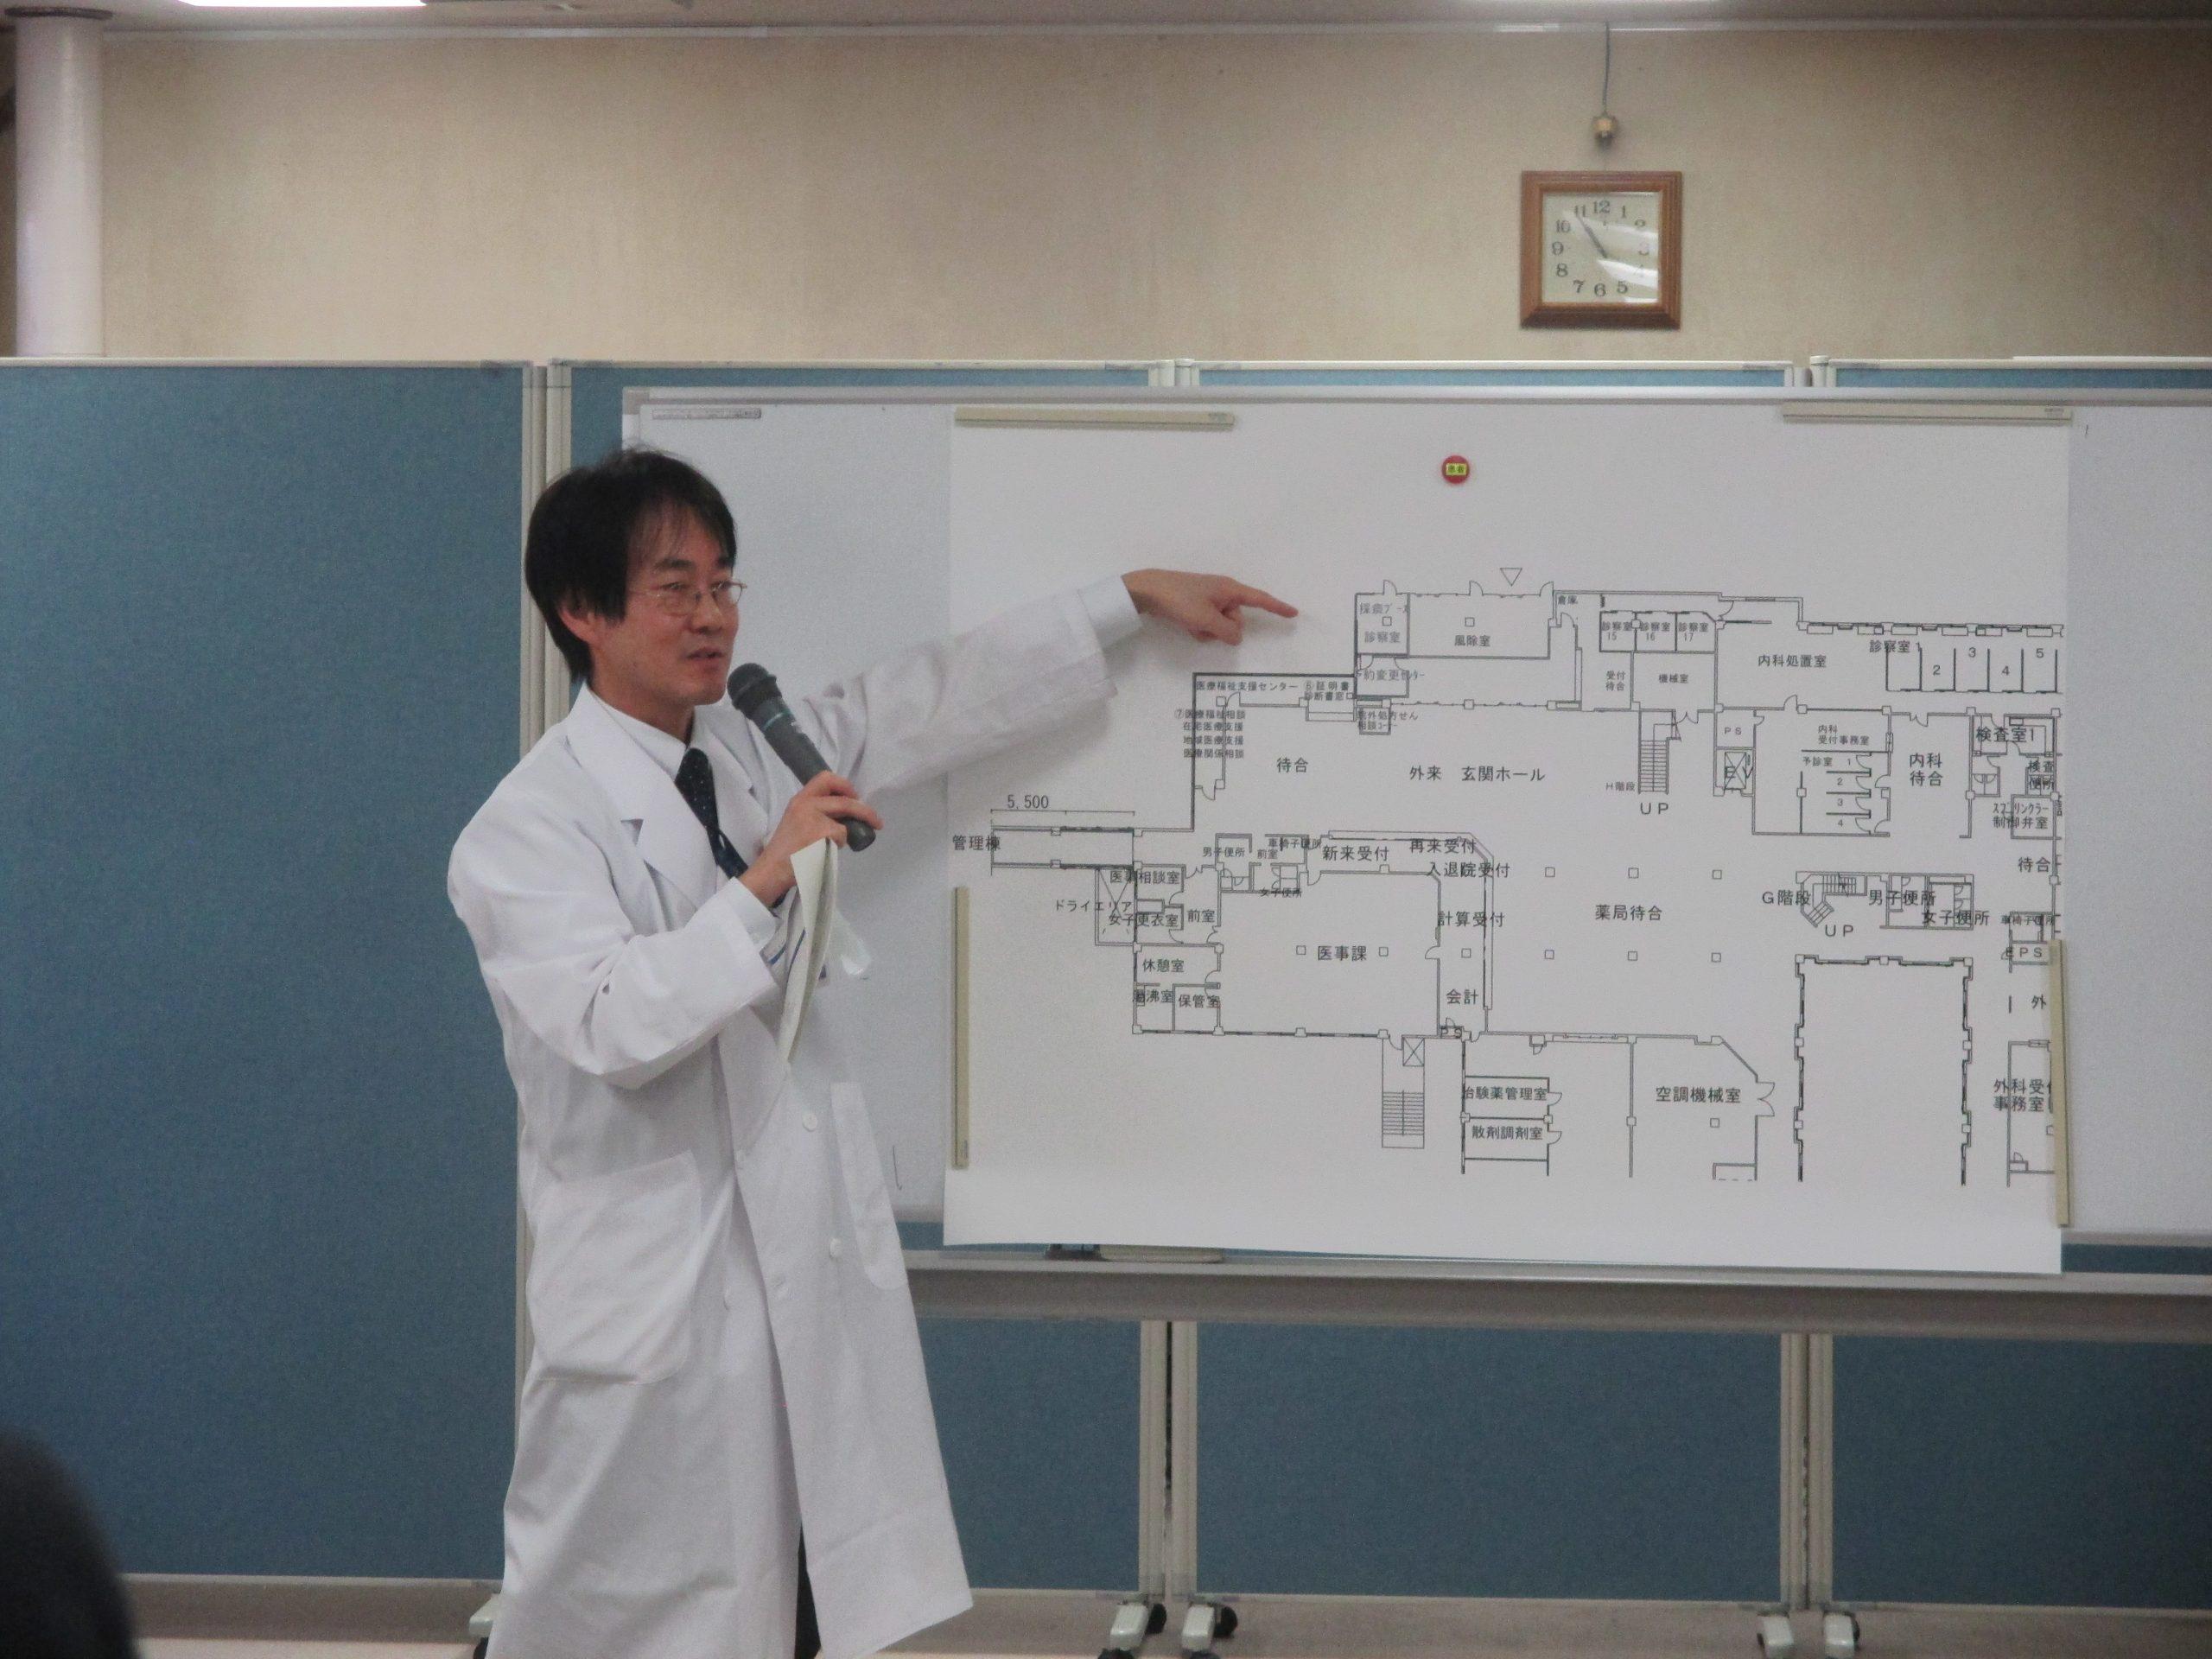 誘導経路を説明する井上副部長